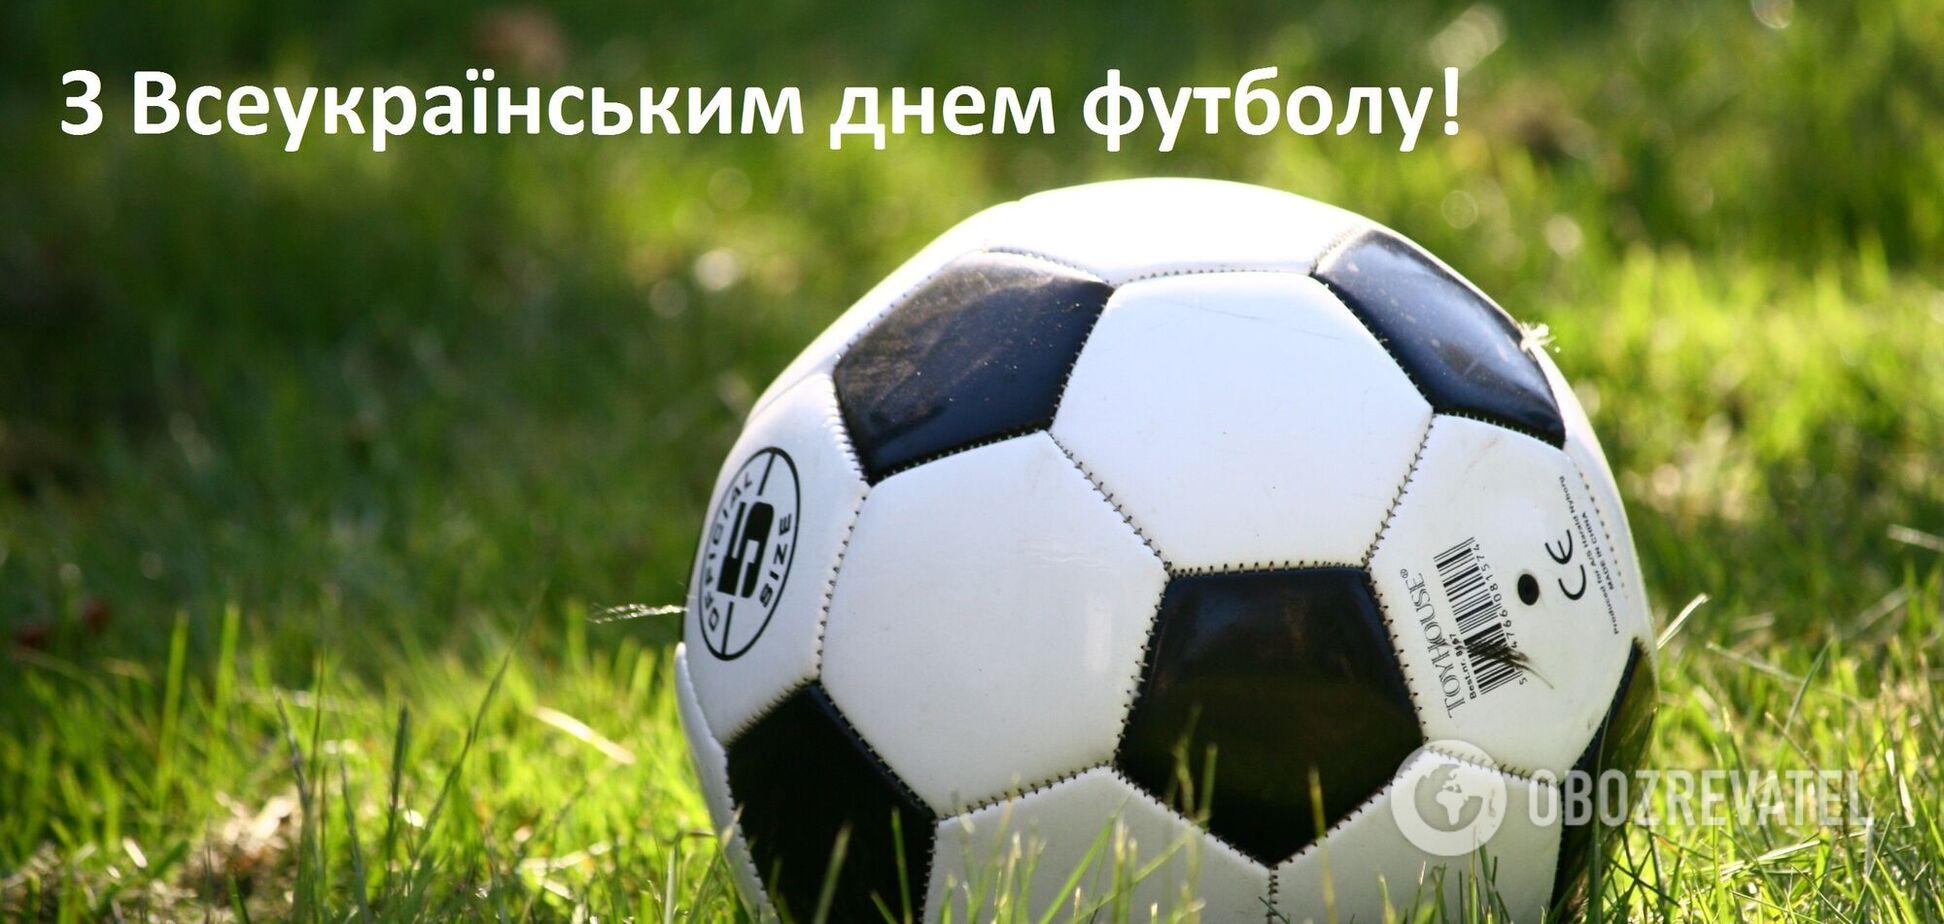 Всеукраинский день футбола отмечается с 1992 года